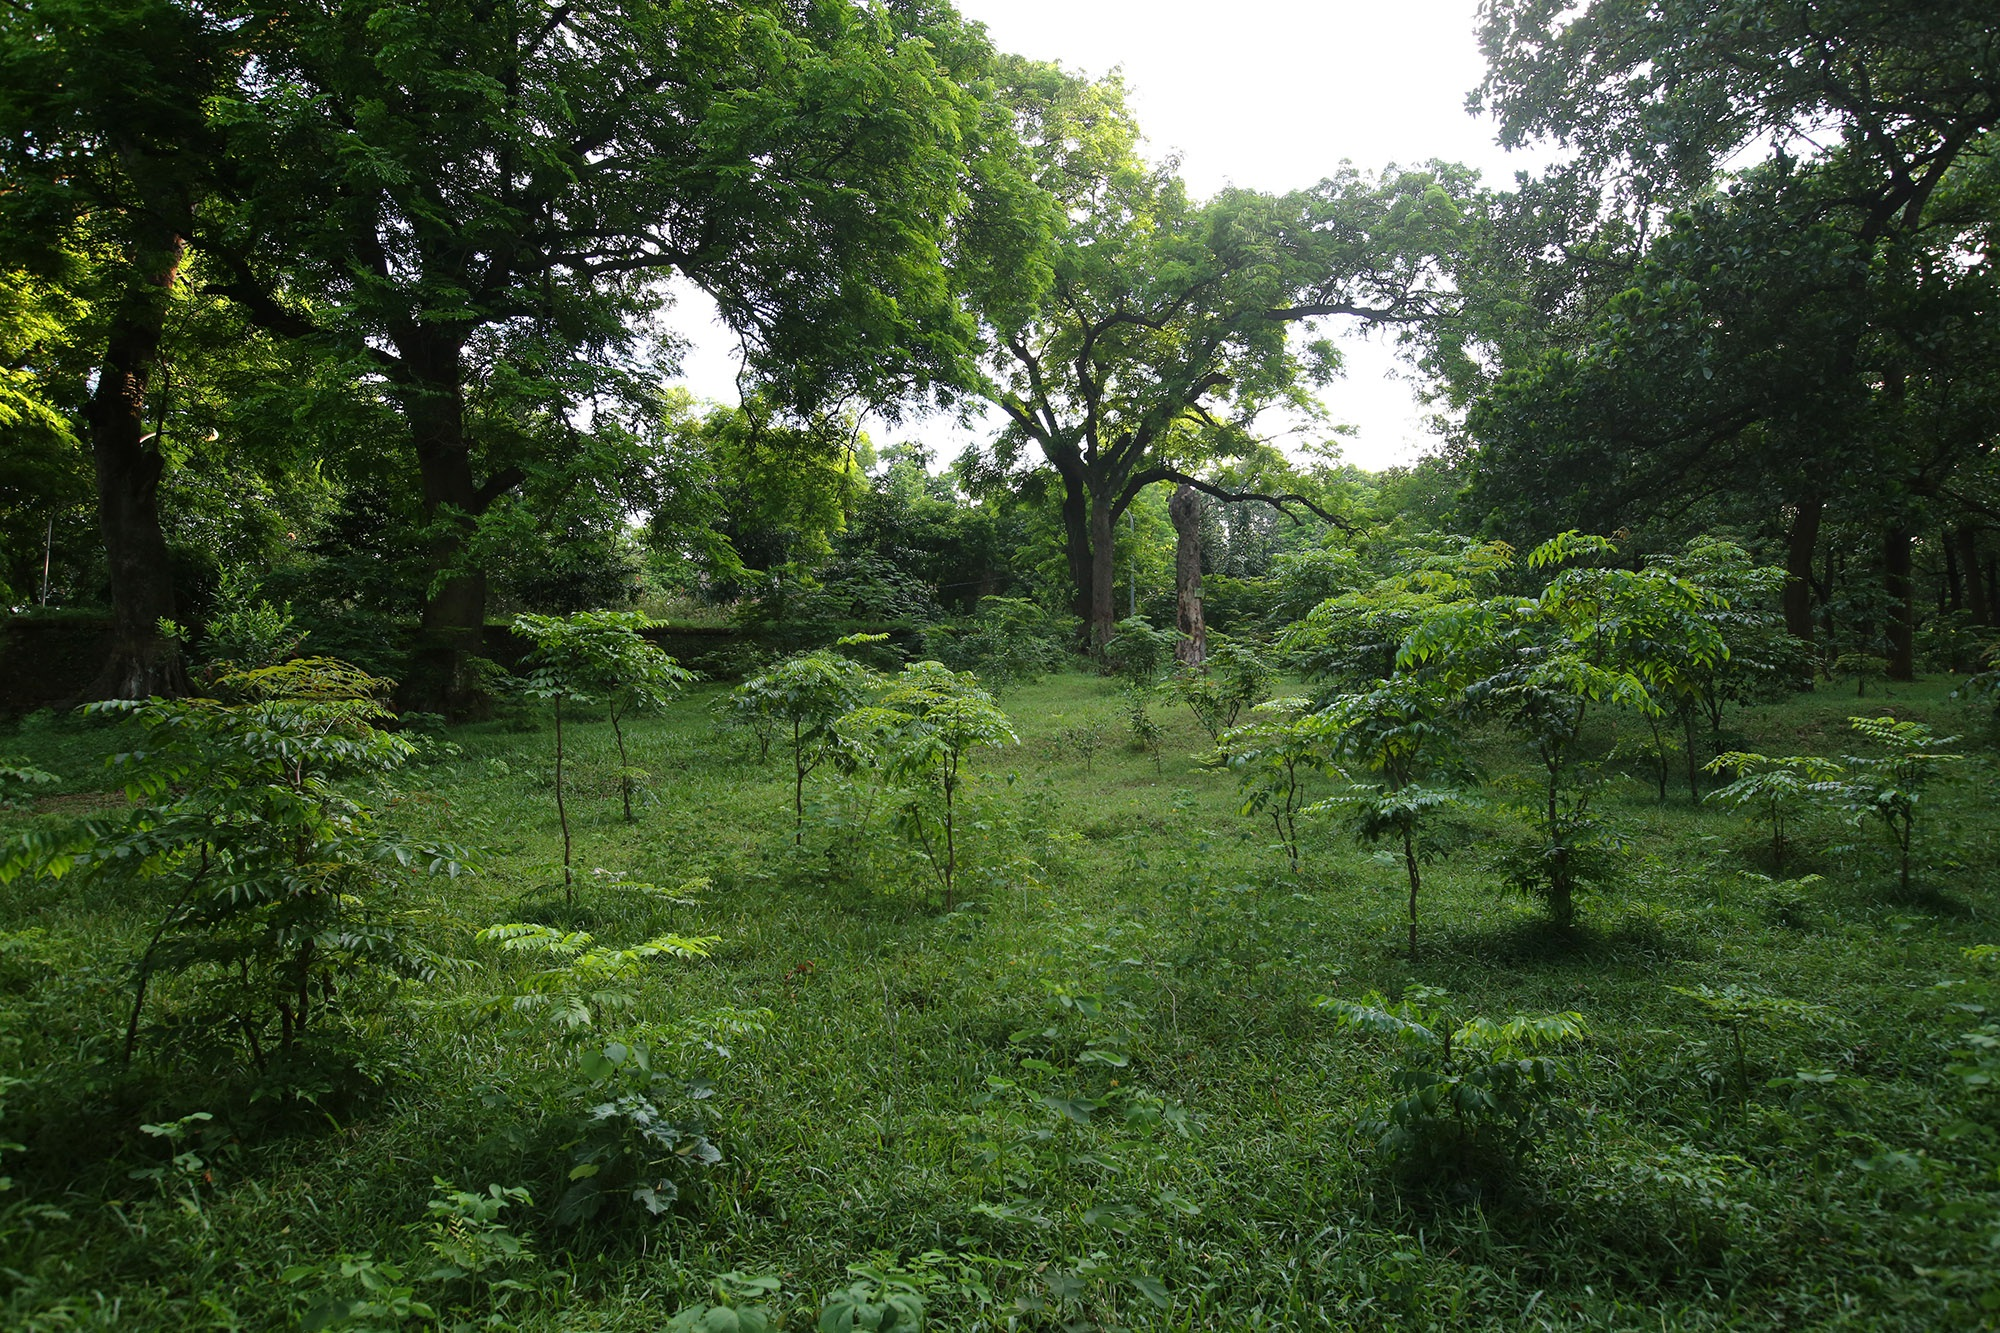 Rừng lim xanh cổ thụ hơn nghìn năm tuổi ngay tại Hà Nội - 15